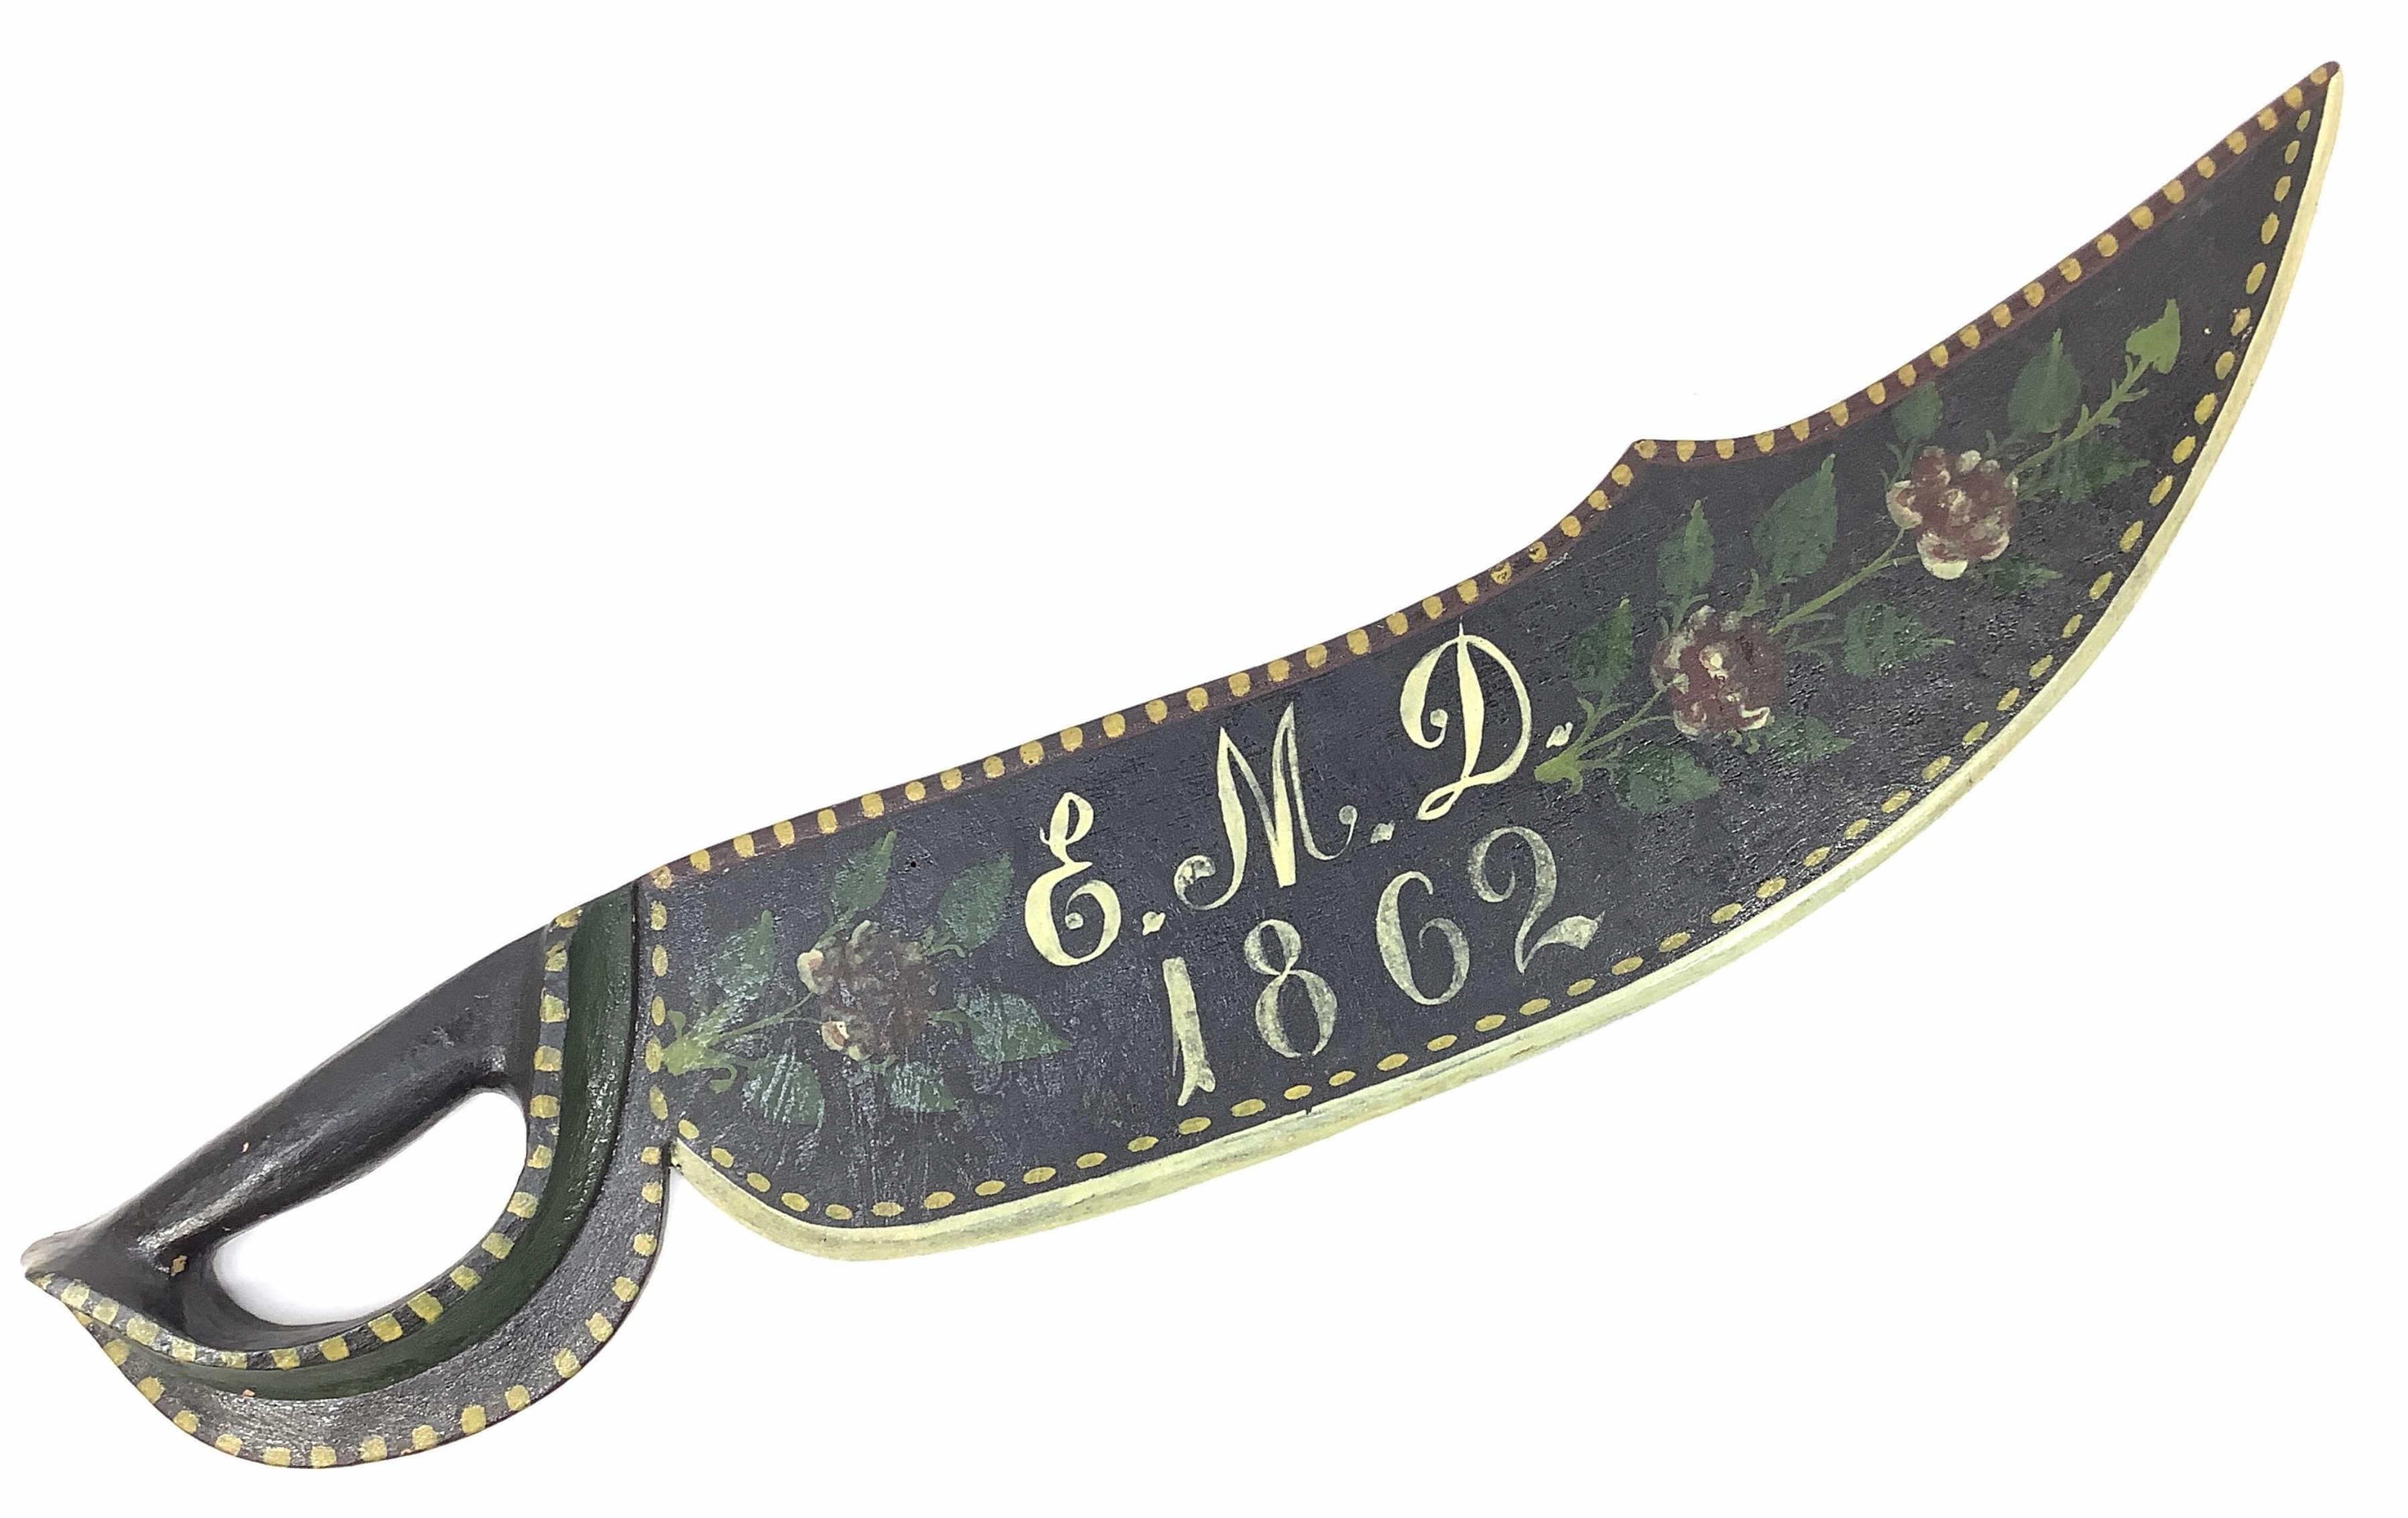 Antique 1862 Scandinavian Flax Knife